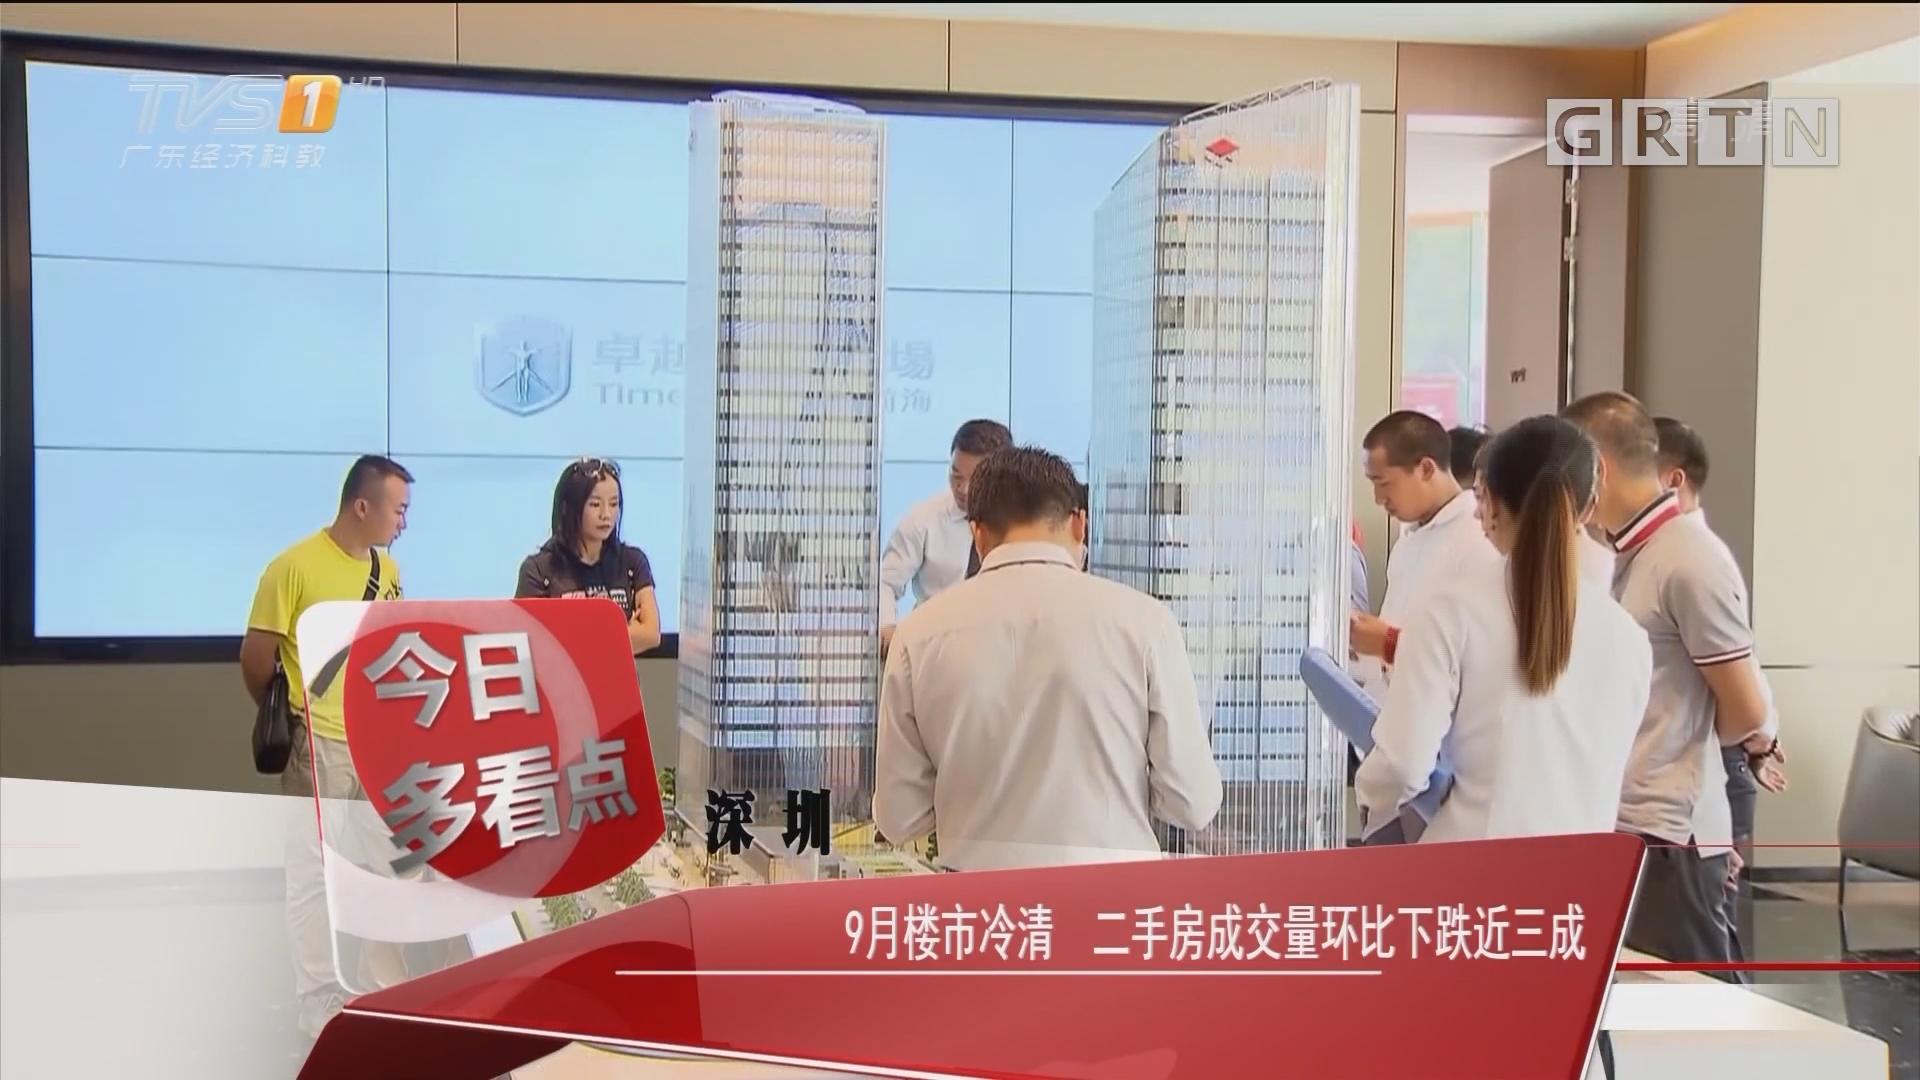 深圳:9月楼市冷清 二手房成交量环比下跌近三成